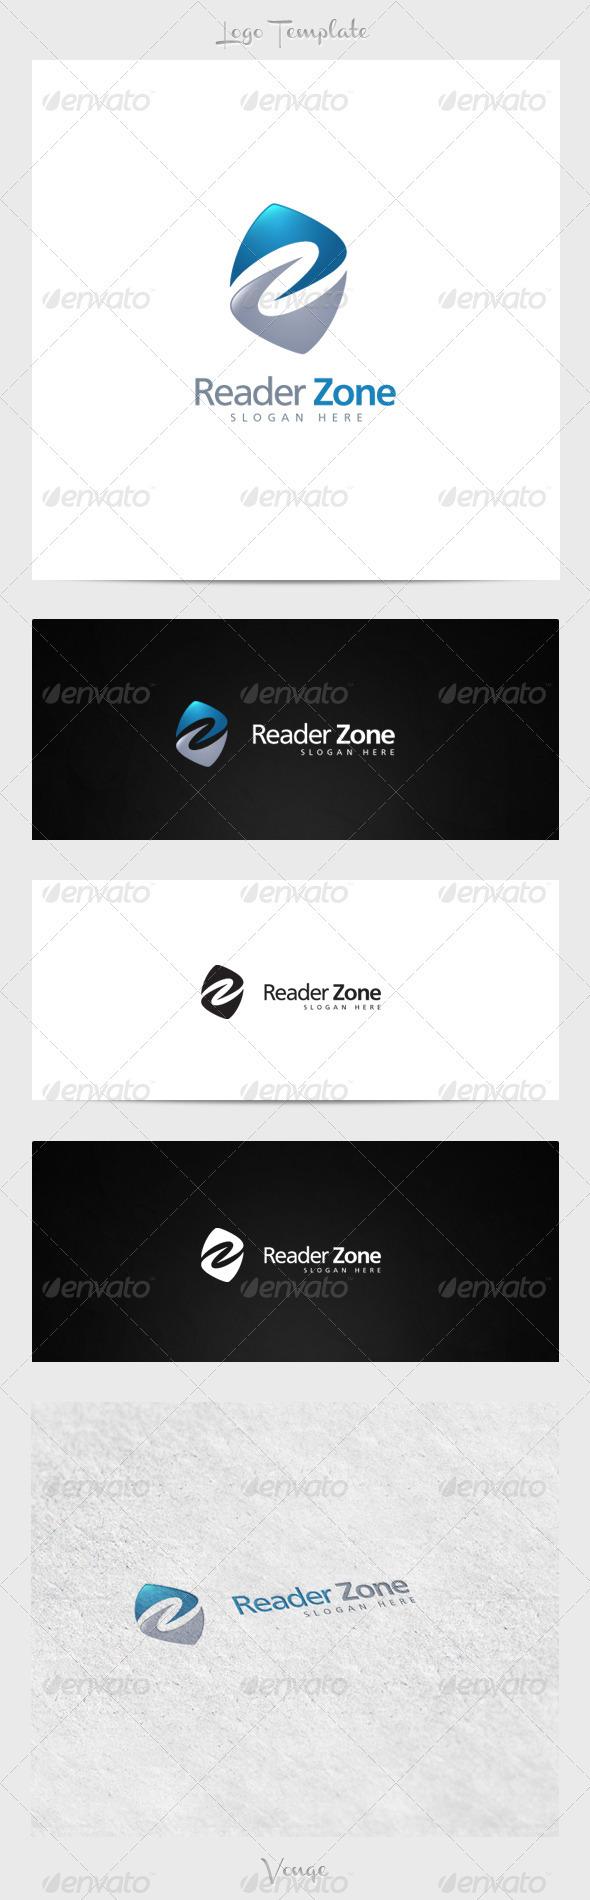 GraphicRiver Reader Zone 3915852